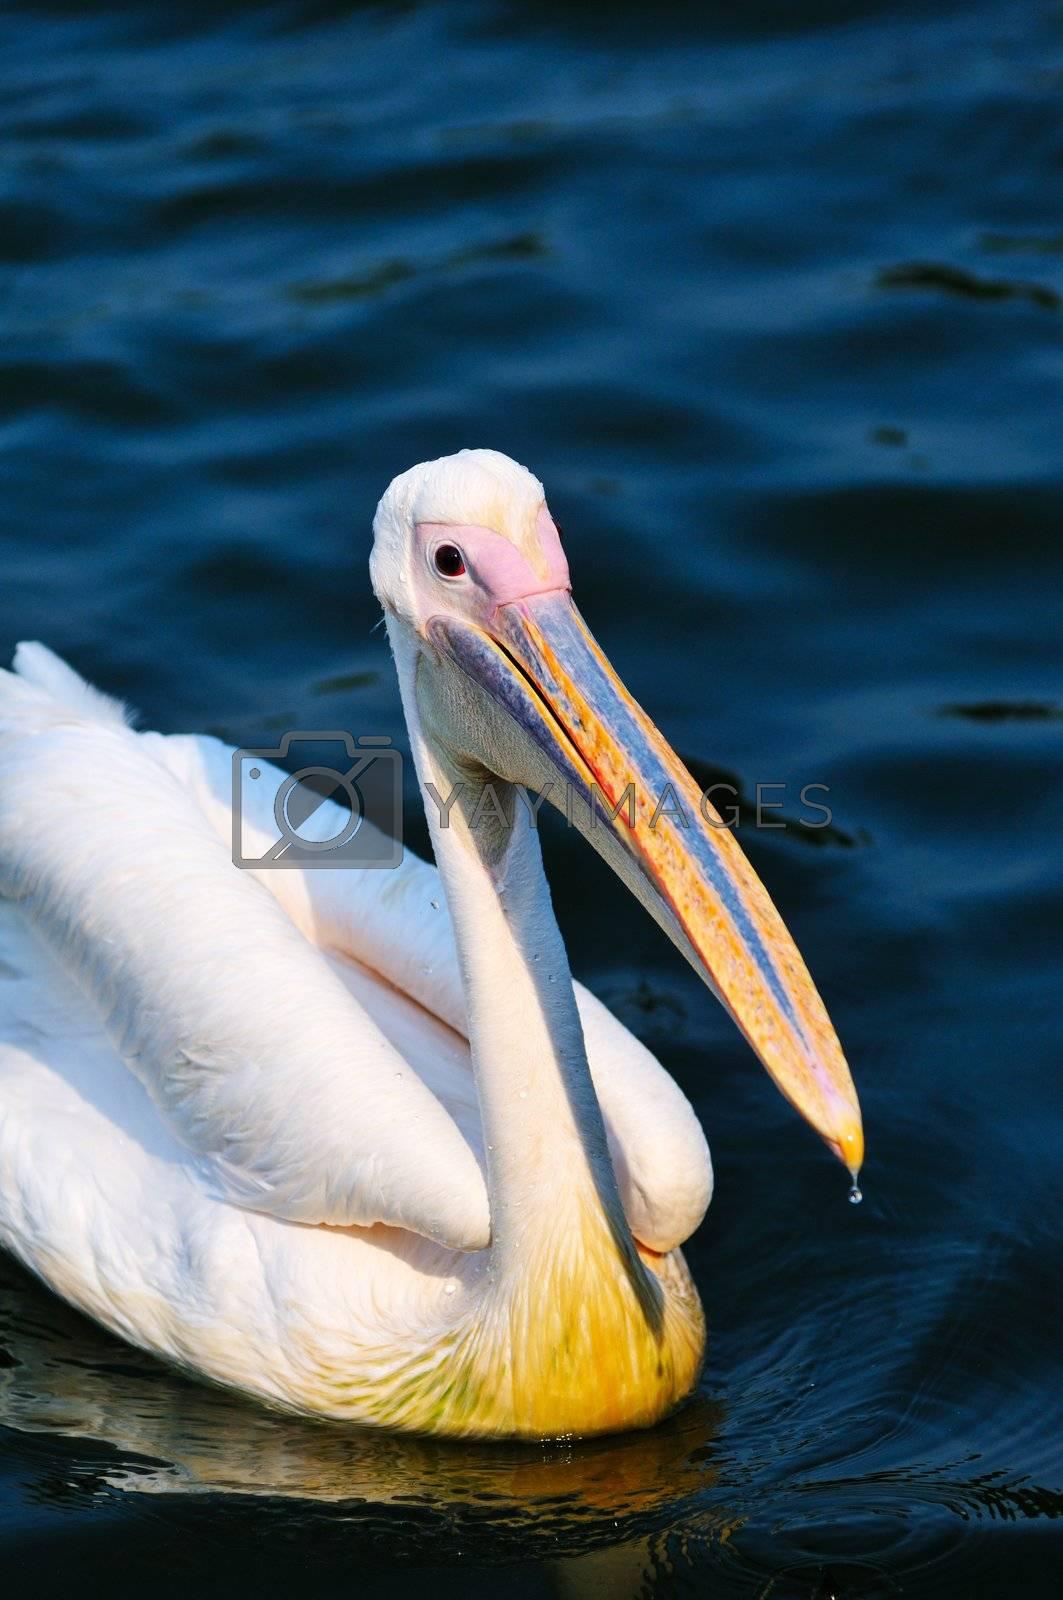 Pelican bird swimming in the lake